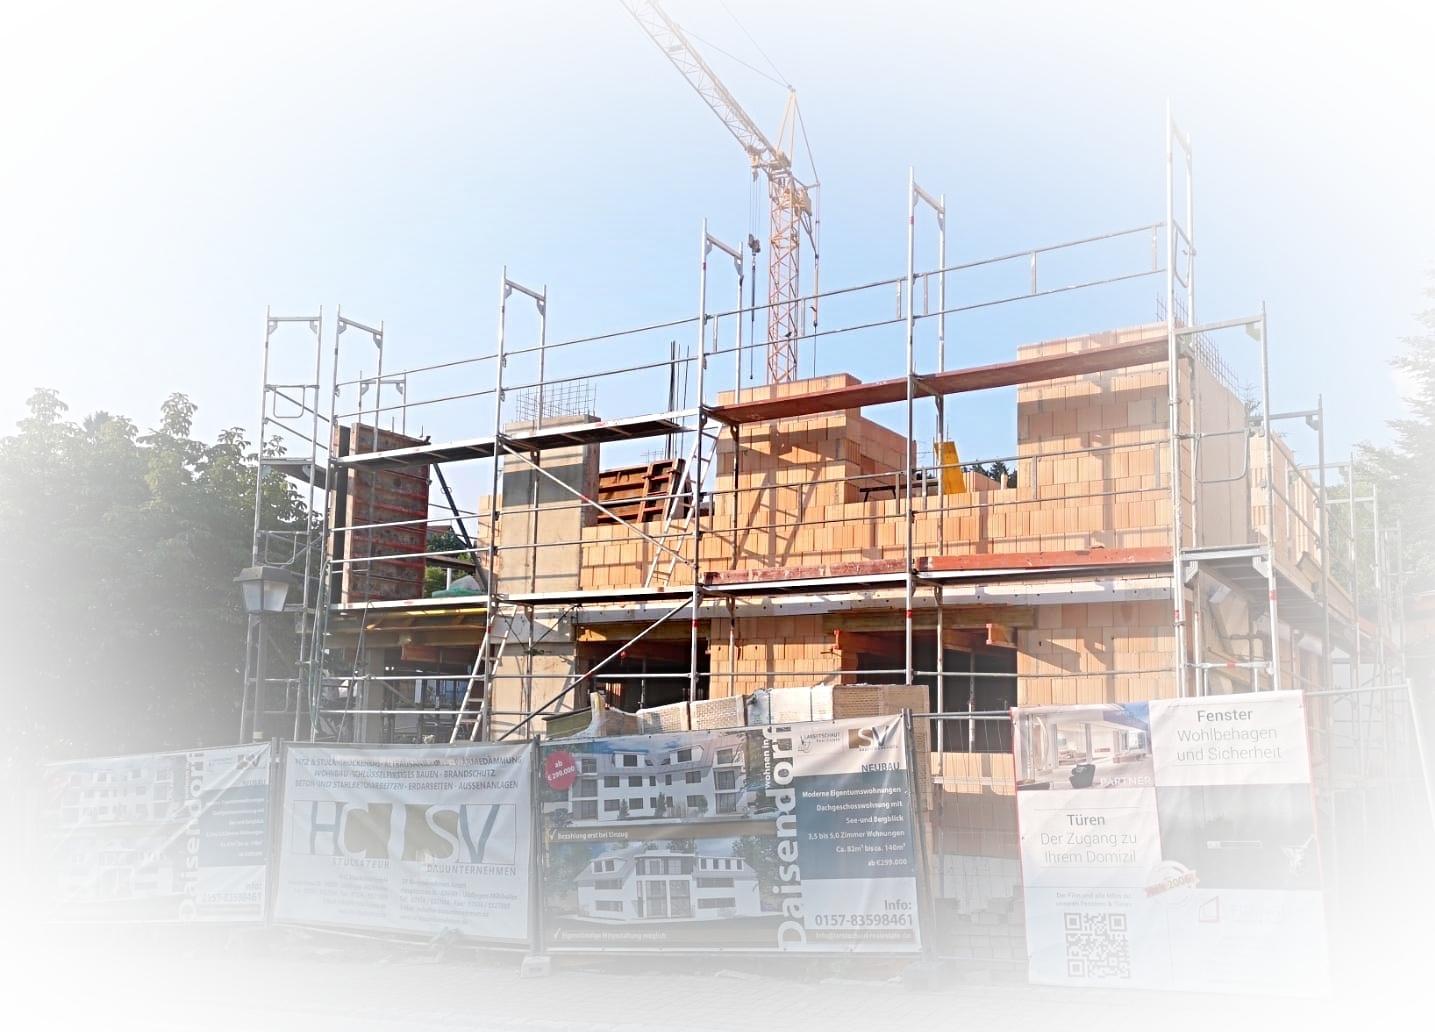 Hier finden Sie tagesaktuelles Bild- und Videomaterial von unseren Bauplätzen